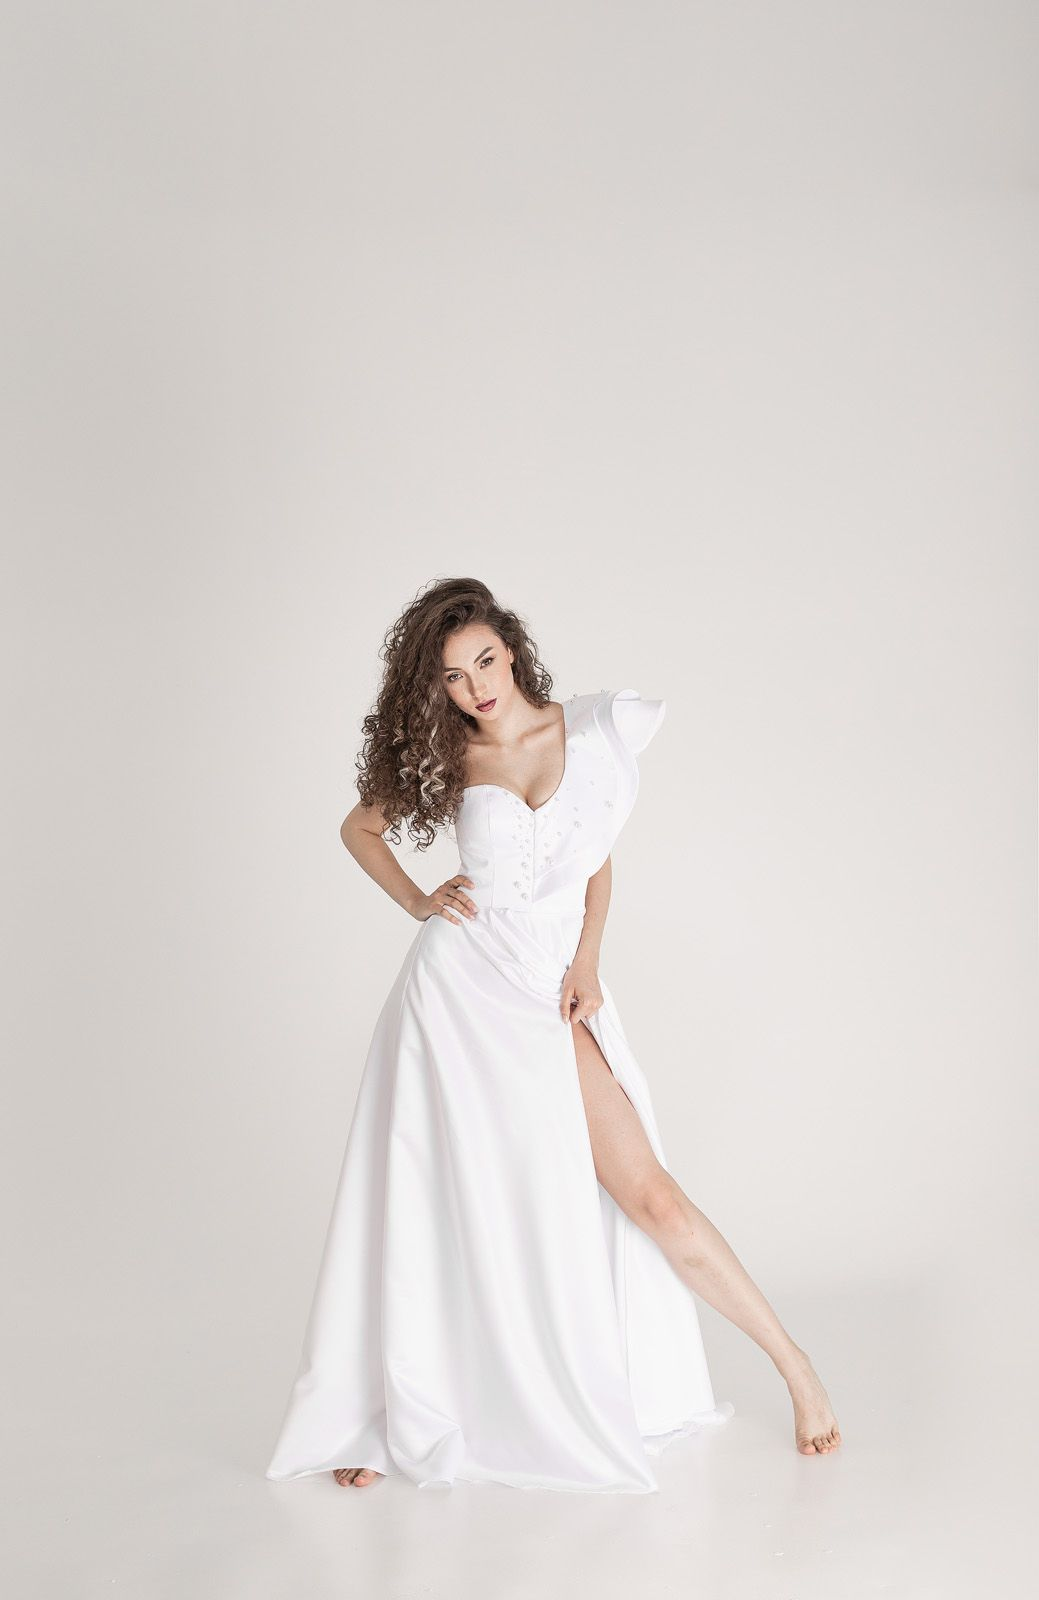 Соло красивой девушки в белом платье